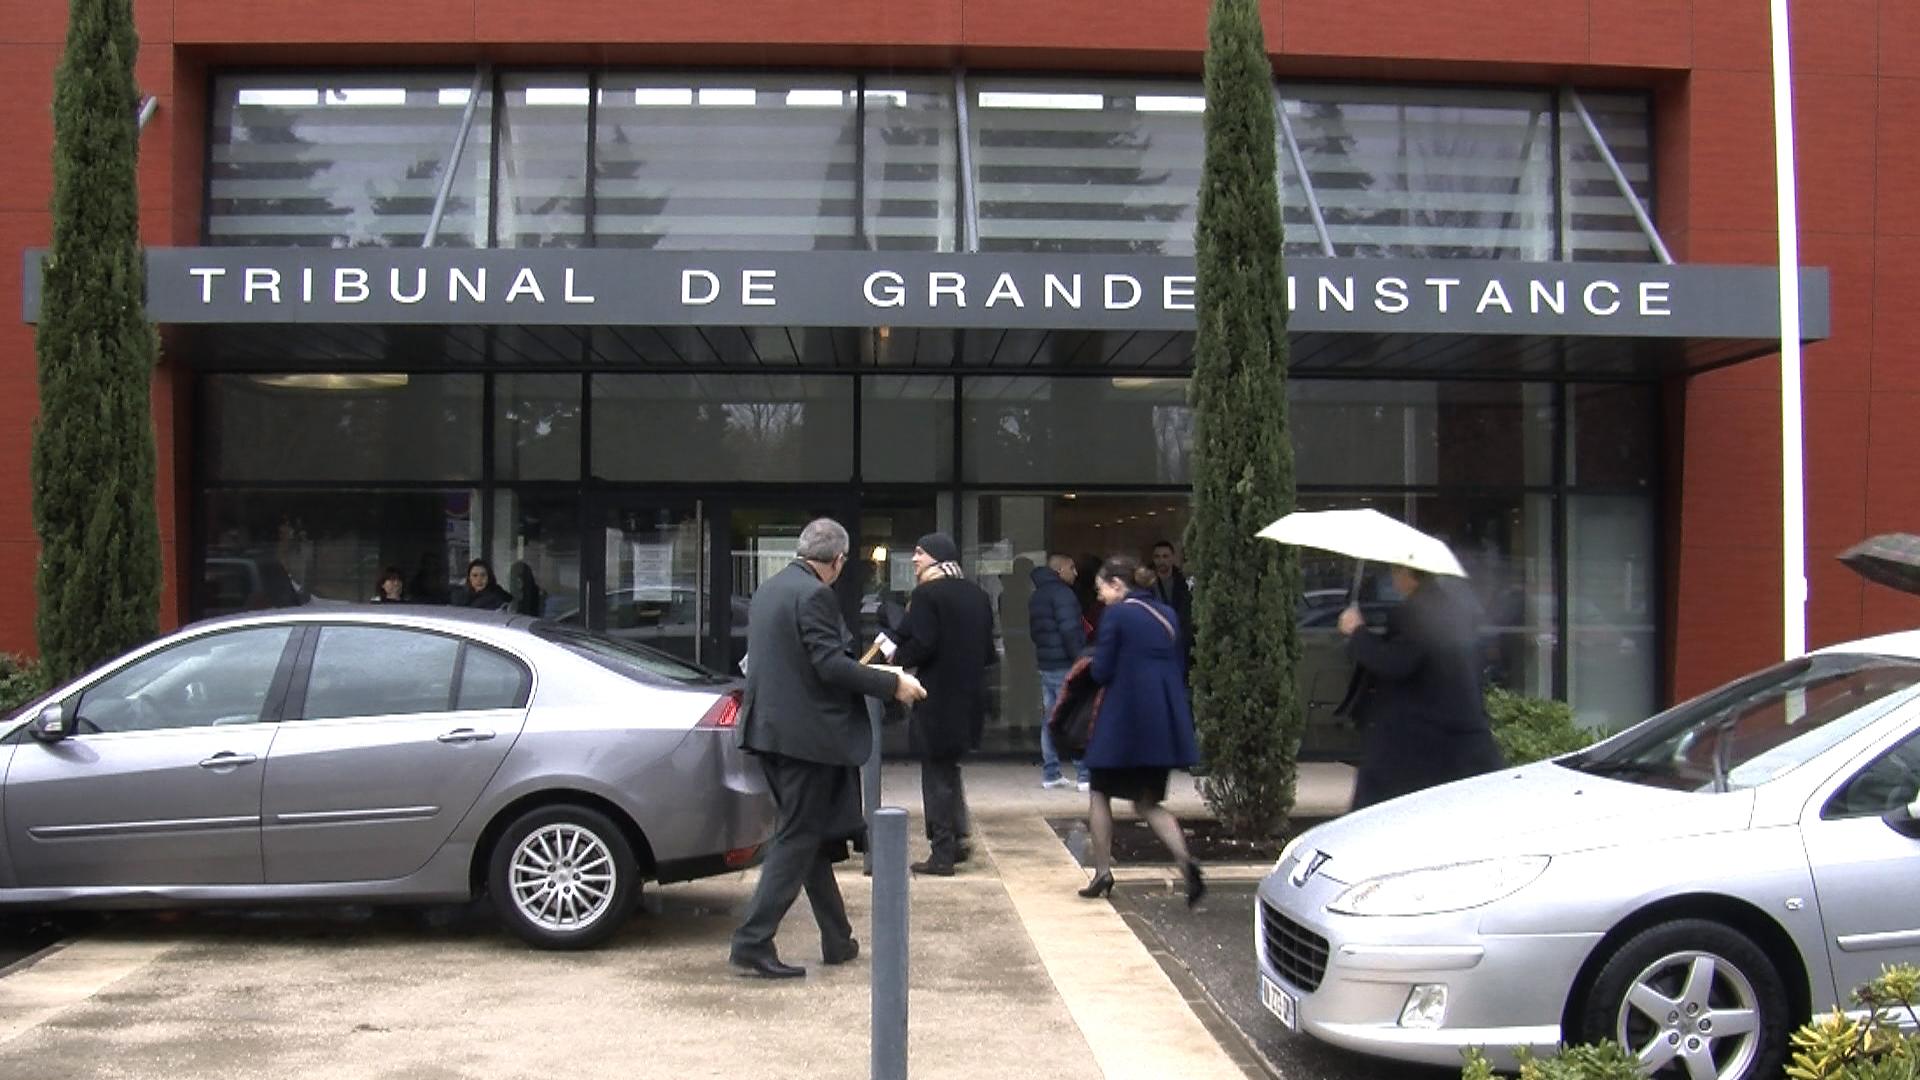 Justice aix en provence la justice r clame un palais et plus d 39 effectifs - Tribunal d instance salon de provence ...